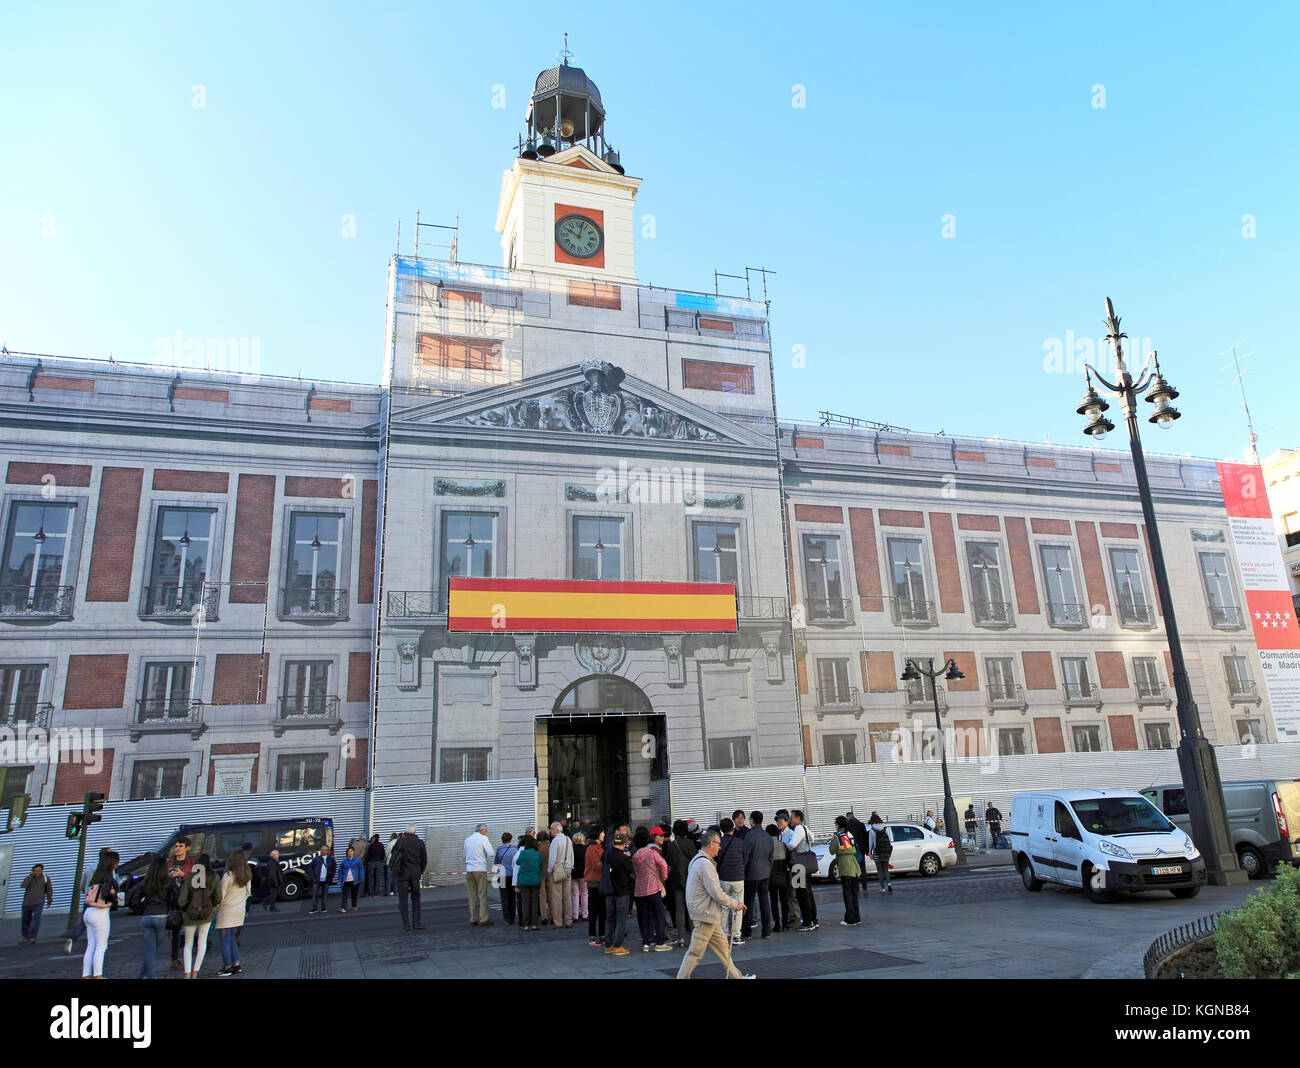 Espana correos stock photos espana correos stock images alamy - Oficina central de correos barcelona ...